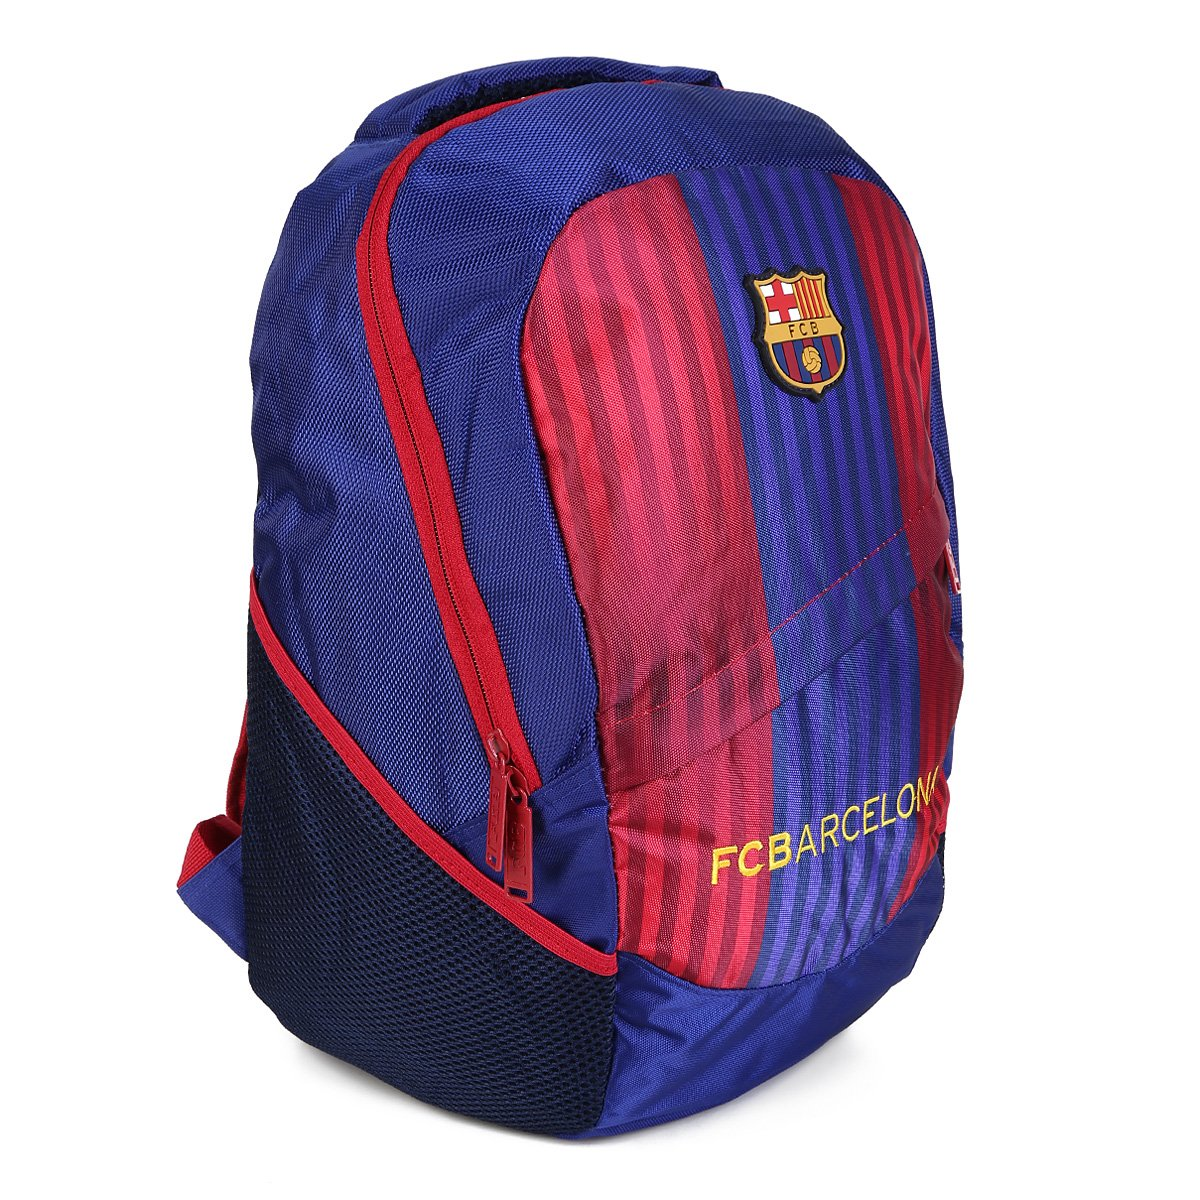 Mochila de Costas FC Barcelona Xeryus Sports Azul e Vermelha